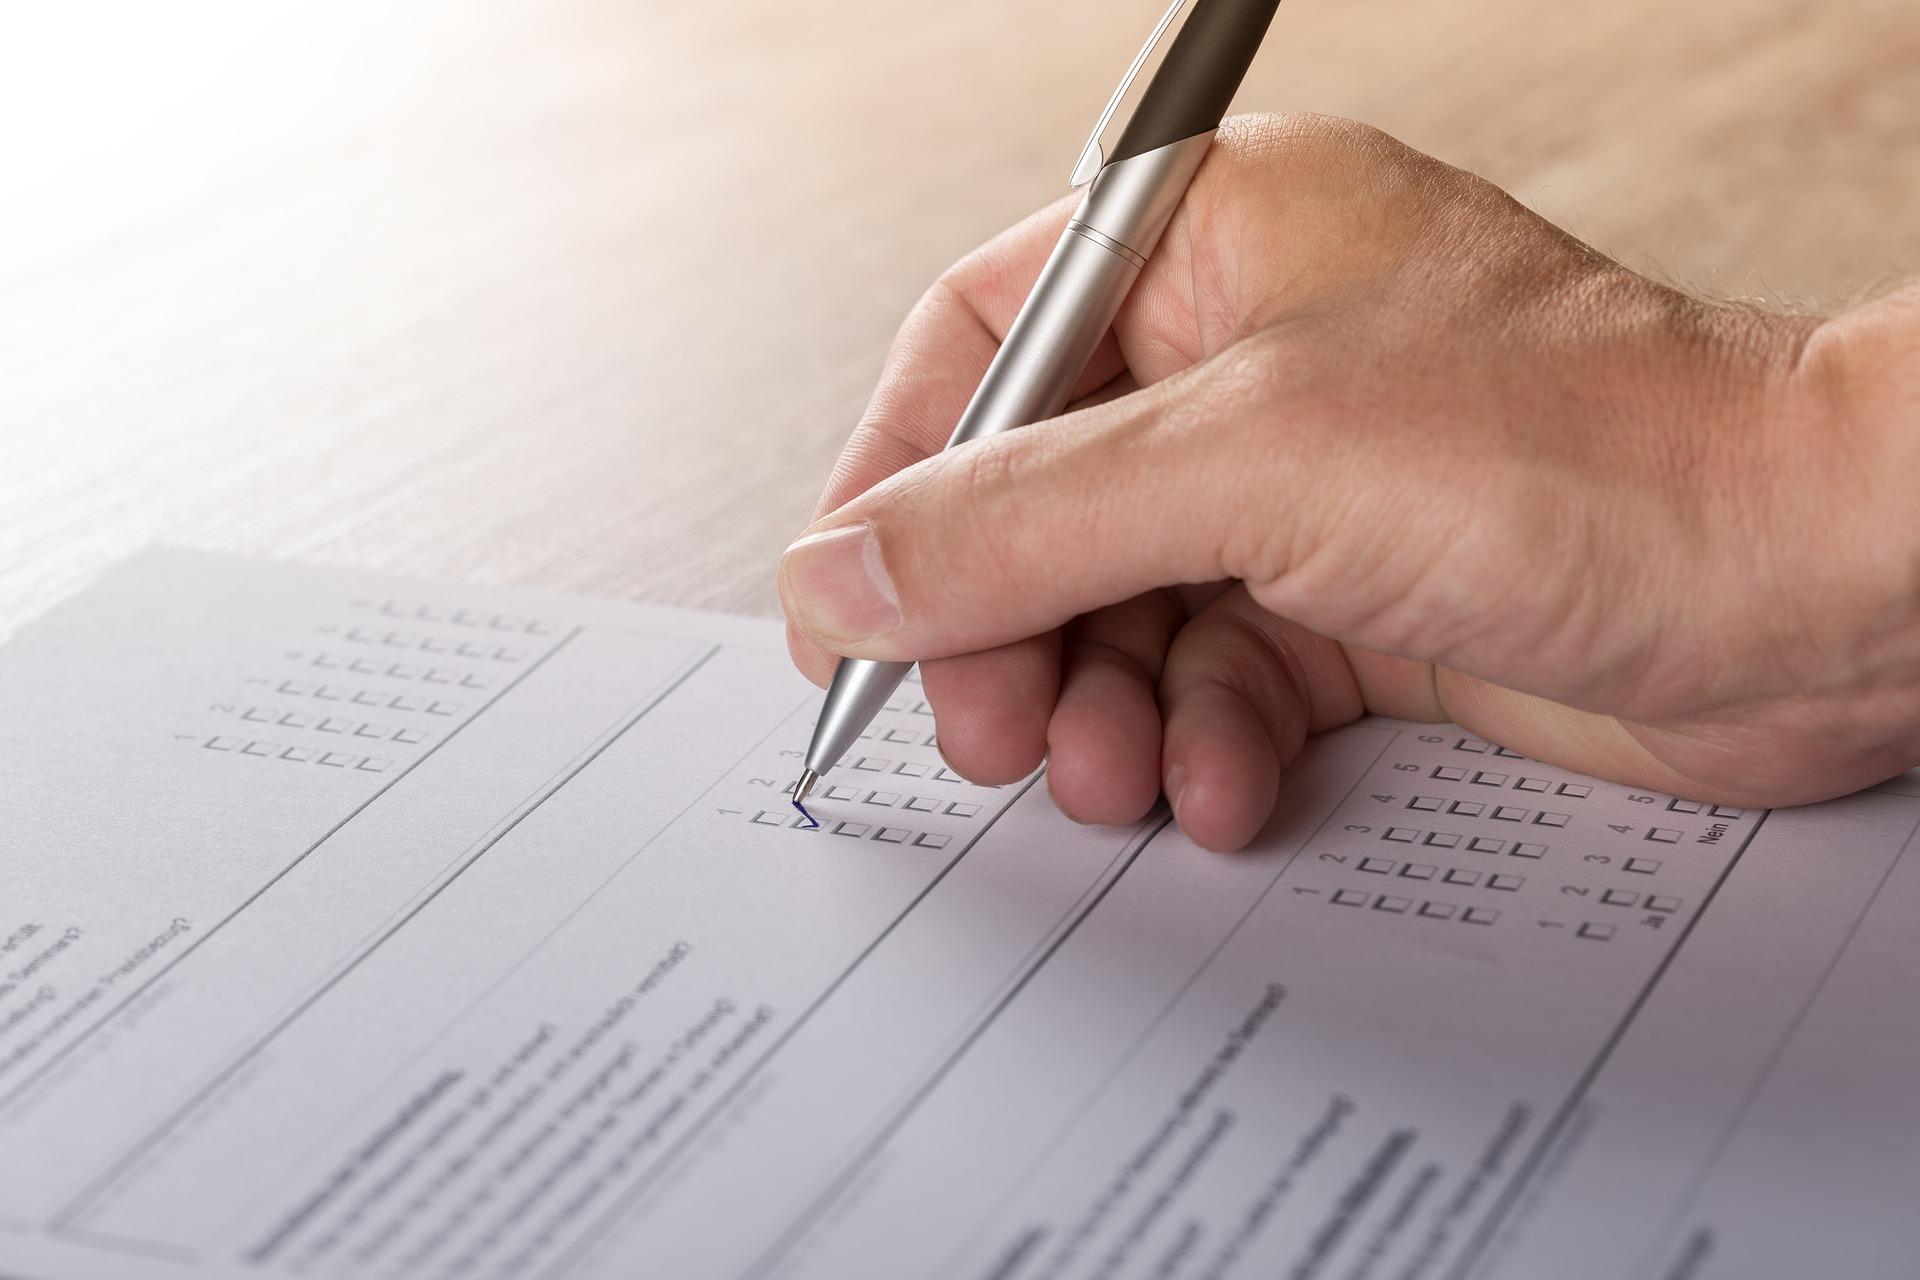 Man filling out survey